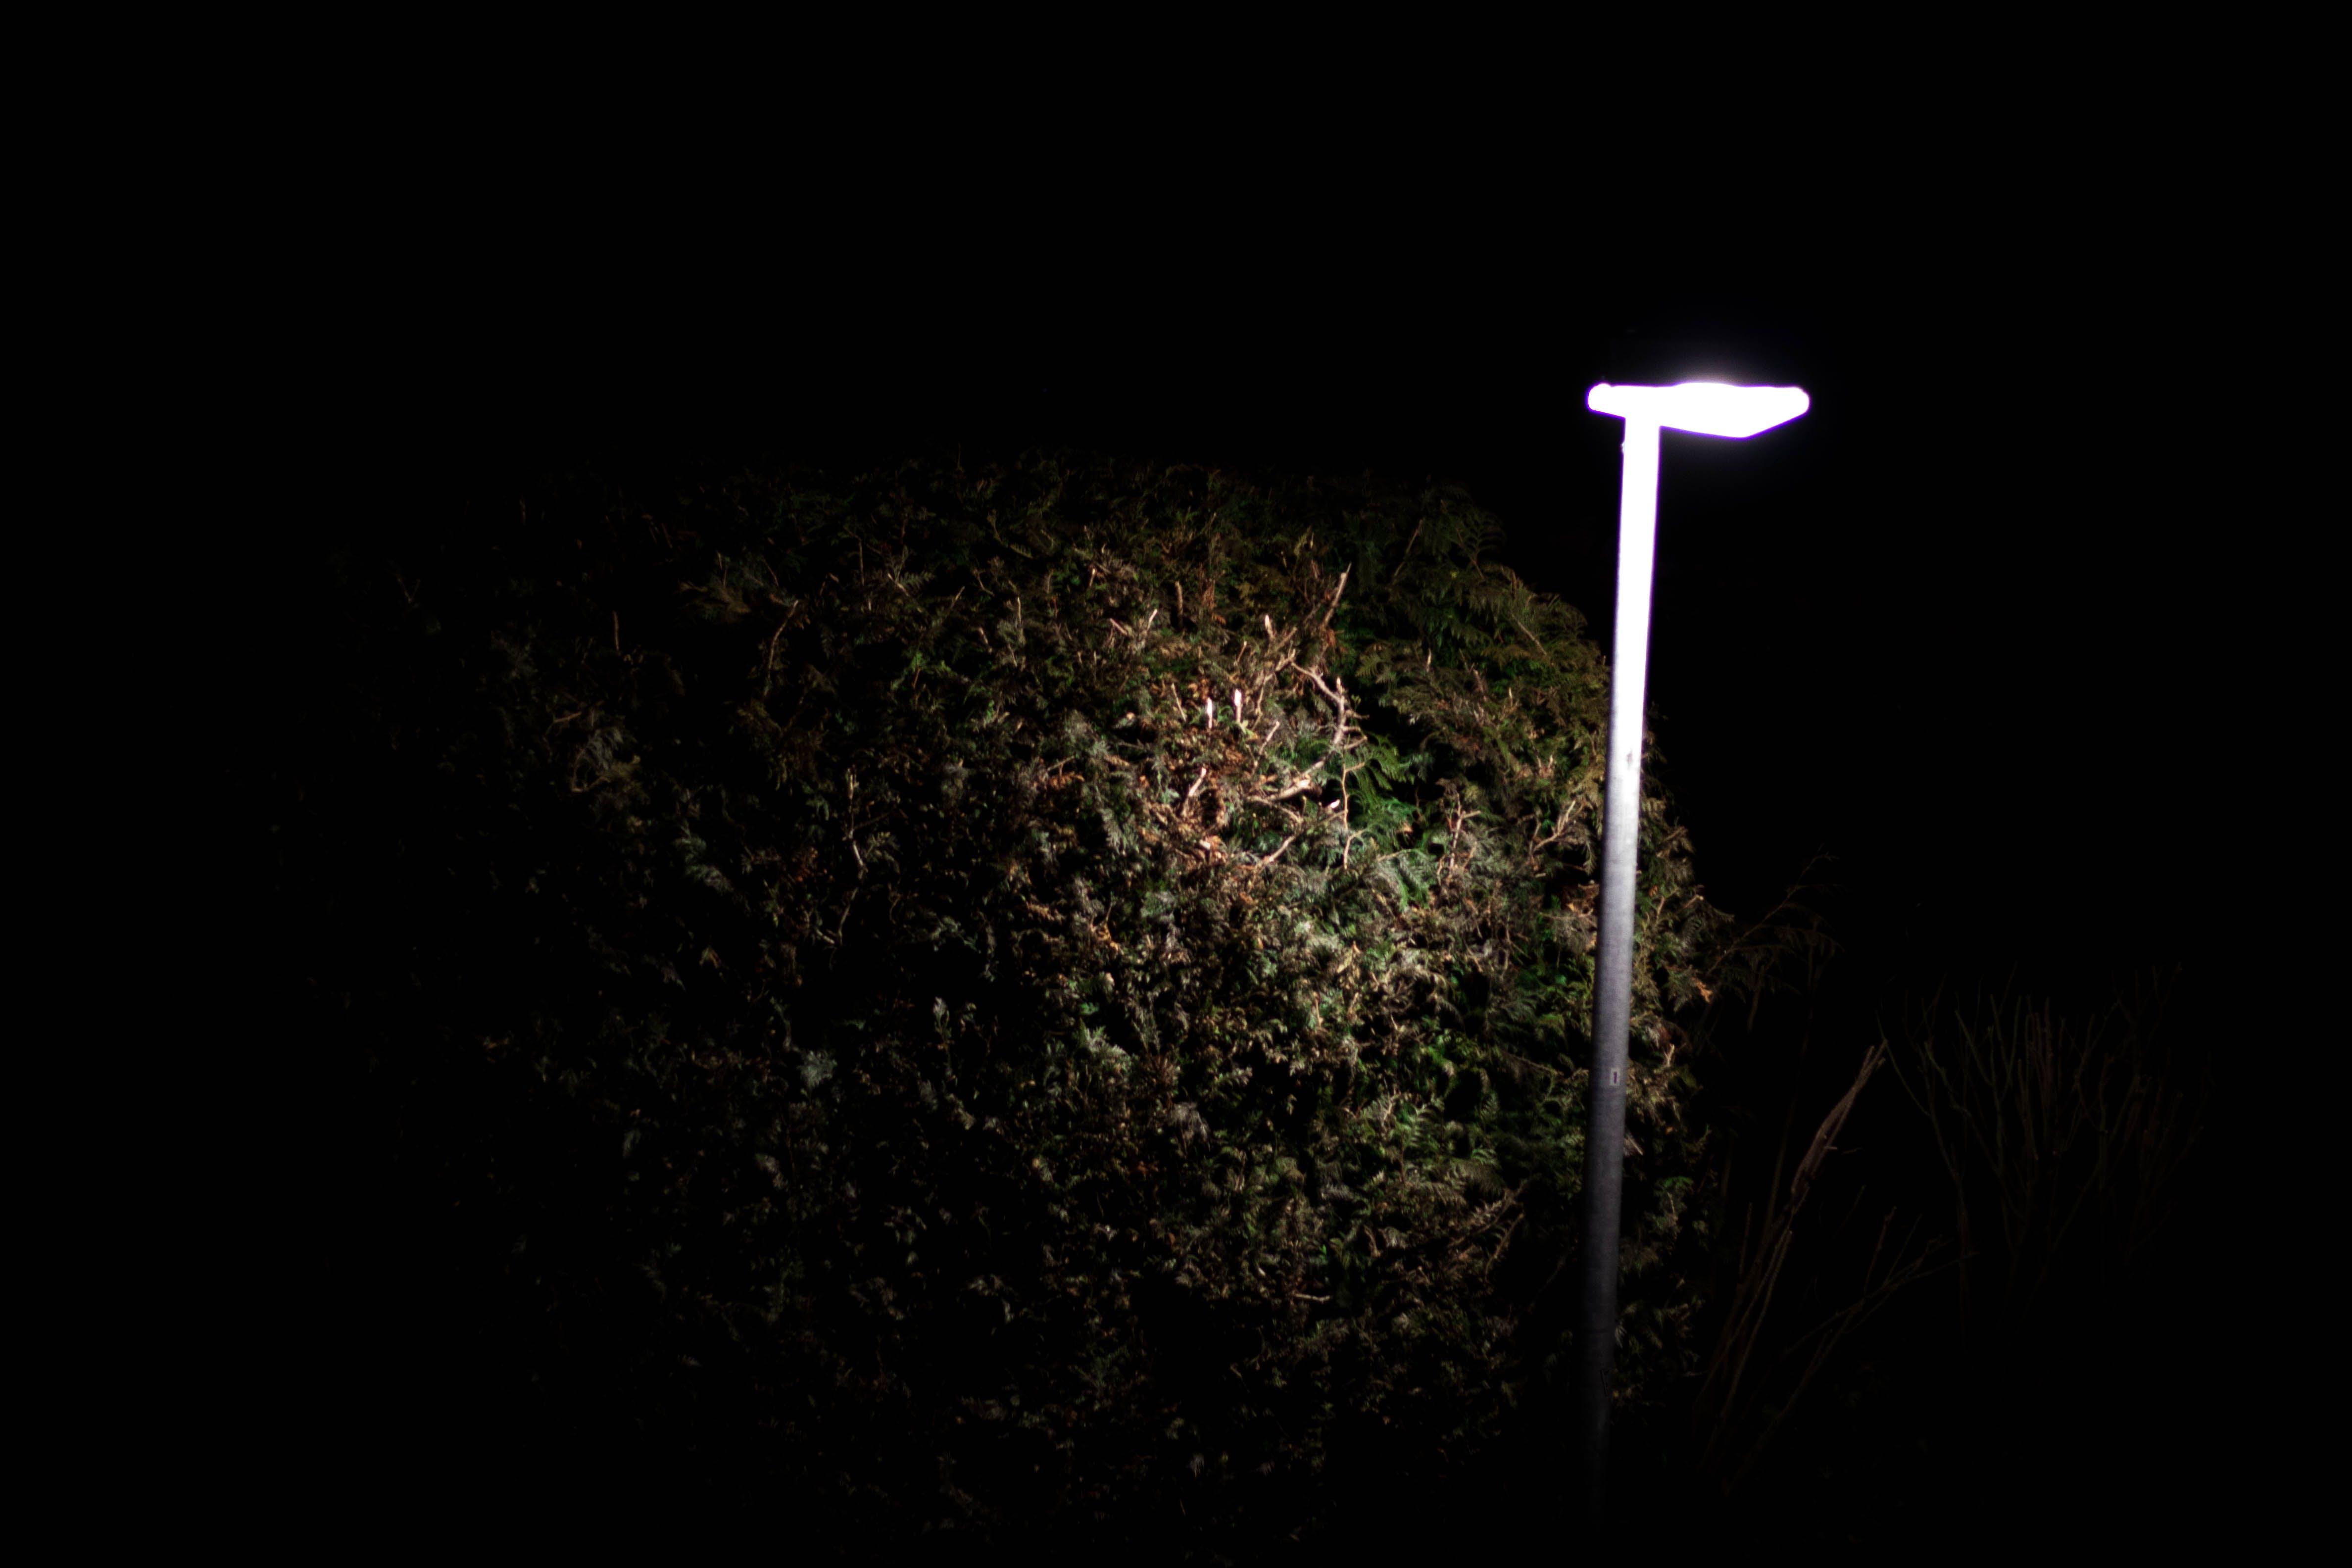 Kostenloses Stock Foto zu licht, nacht, busch, dunkelheit